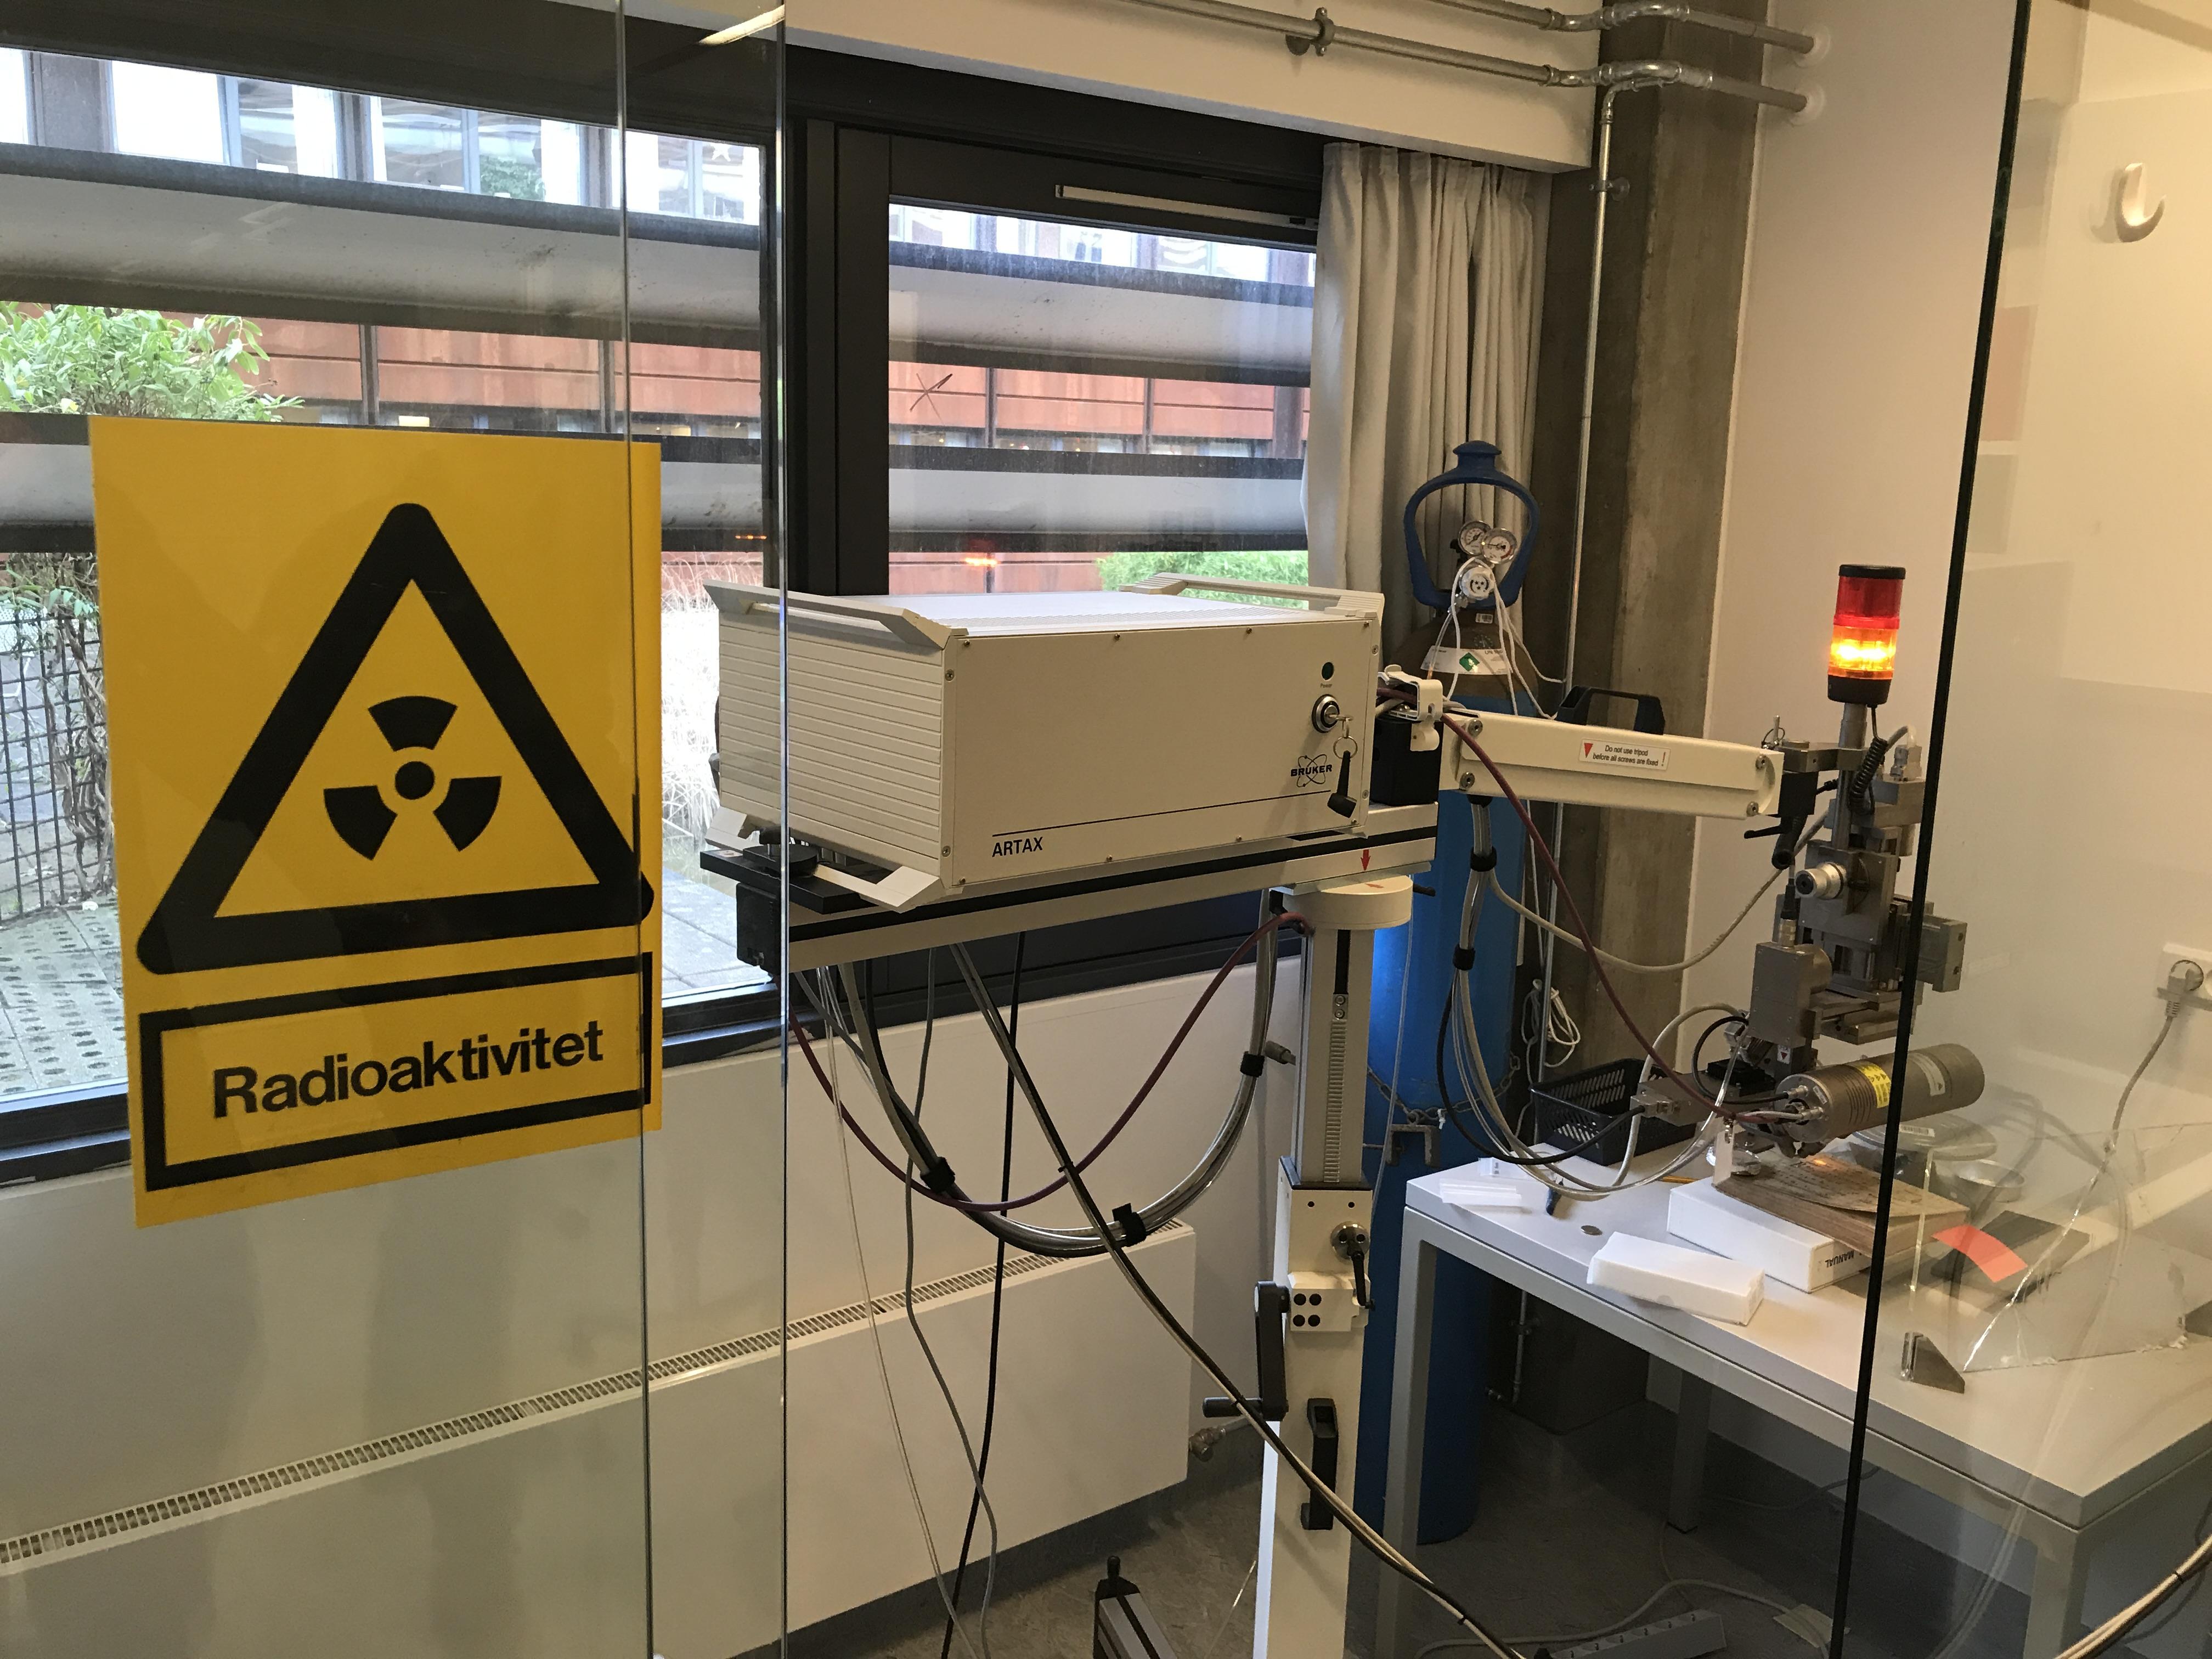 Røntgenmaskinen2.jpg